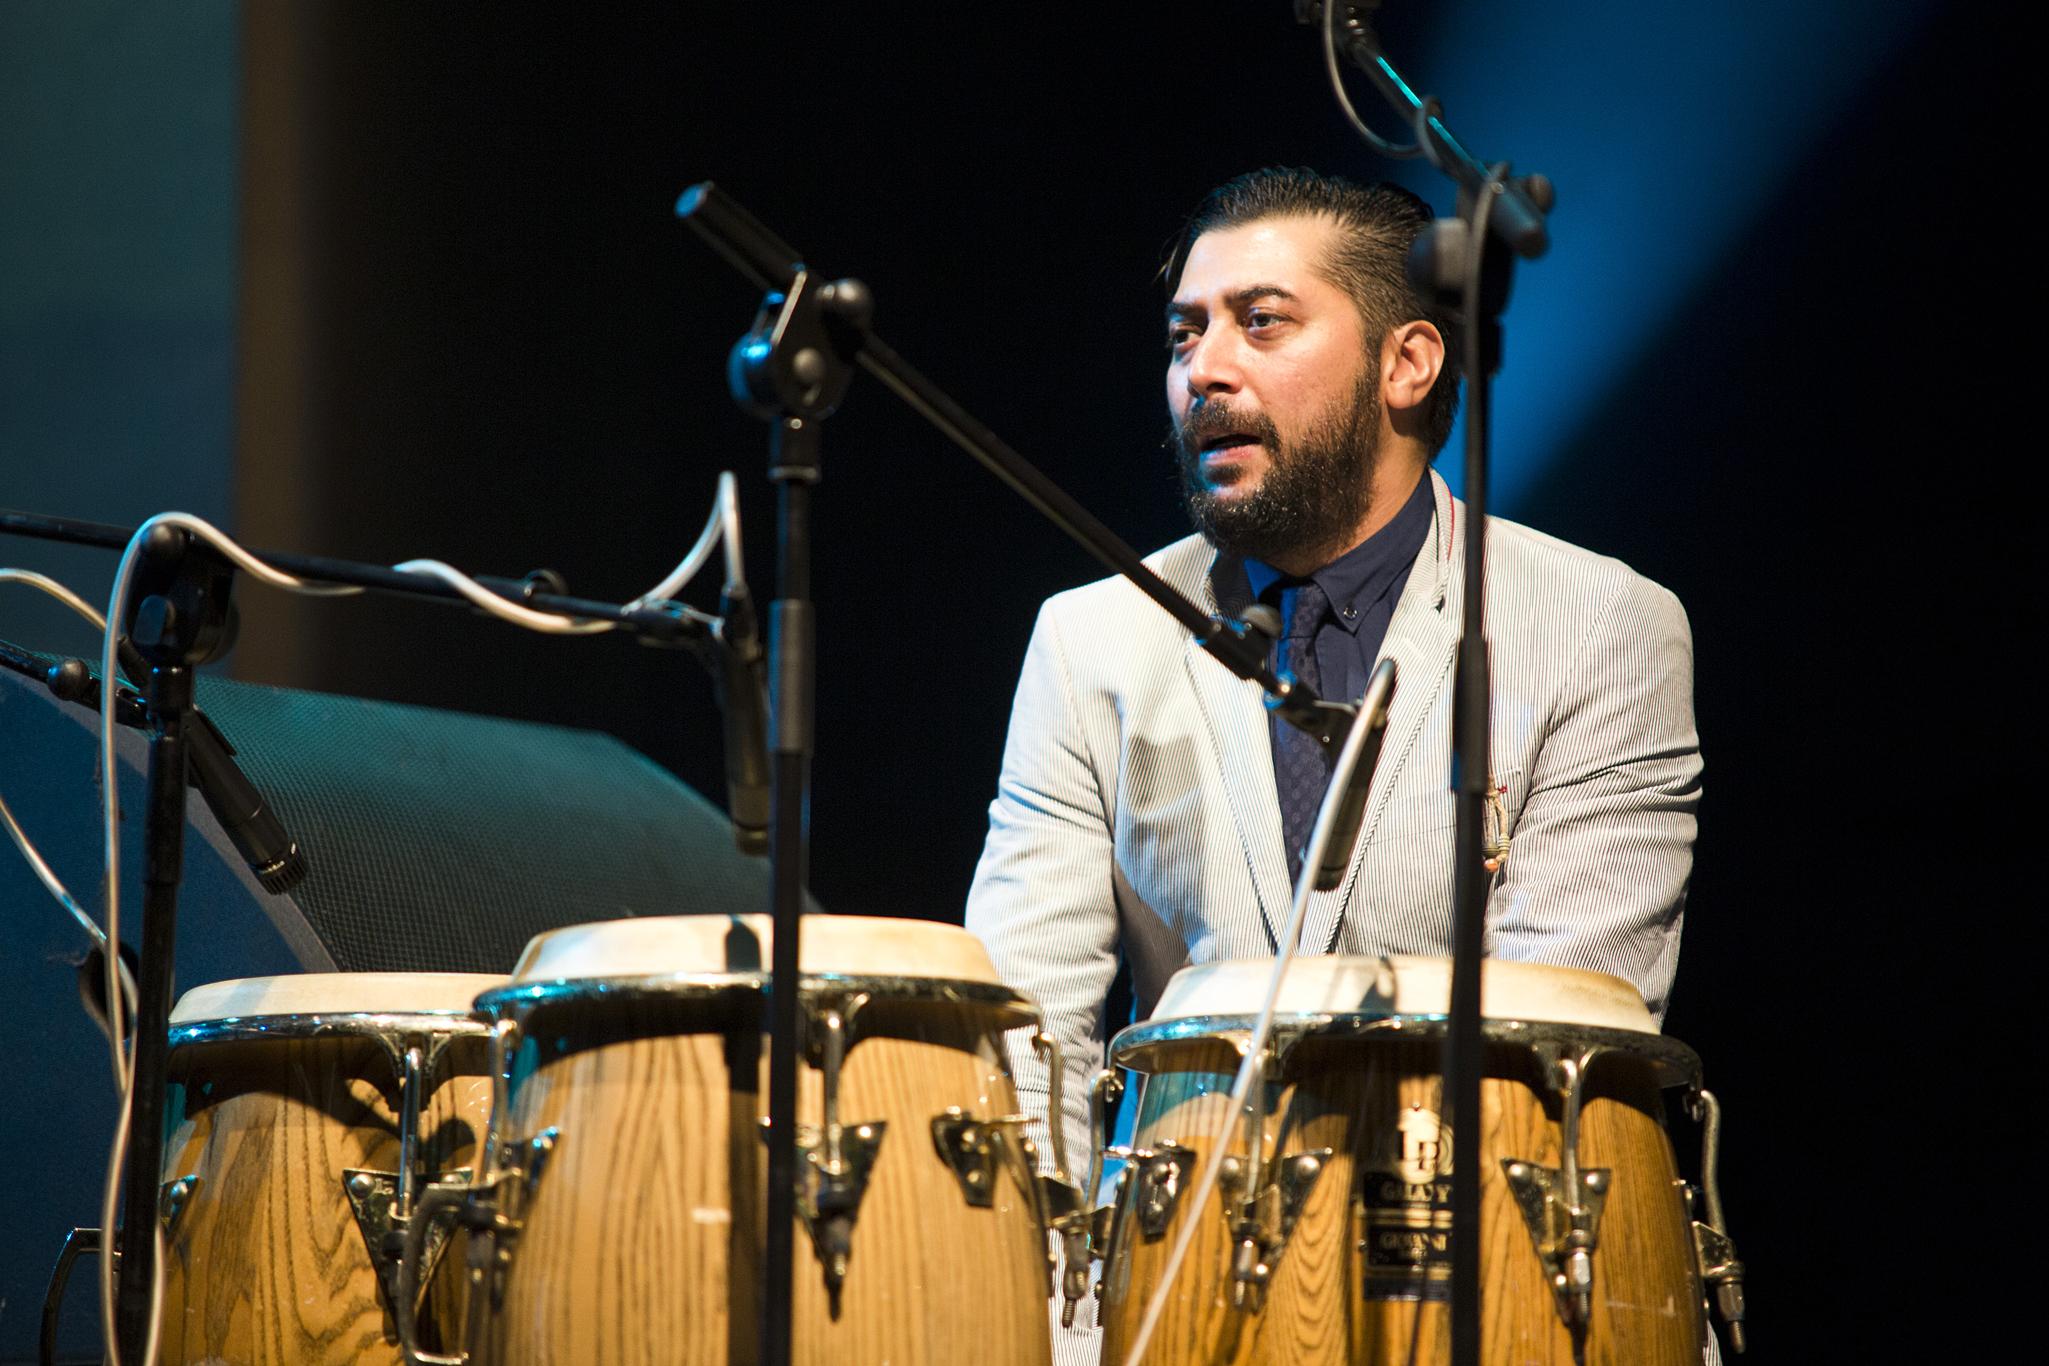 Bandolero, uno de los percusionistas flamencos más influyentes, ofrece una masterclass gratuita en el Guiniguada